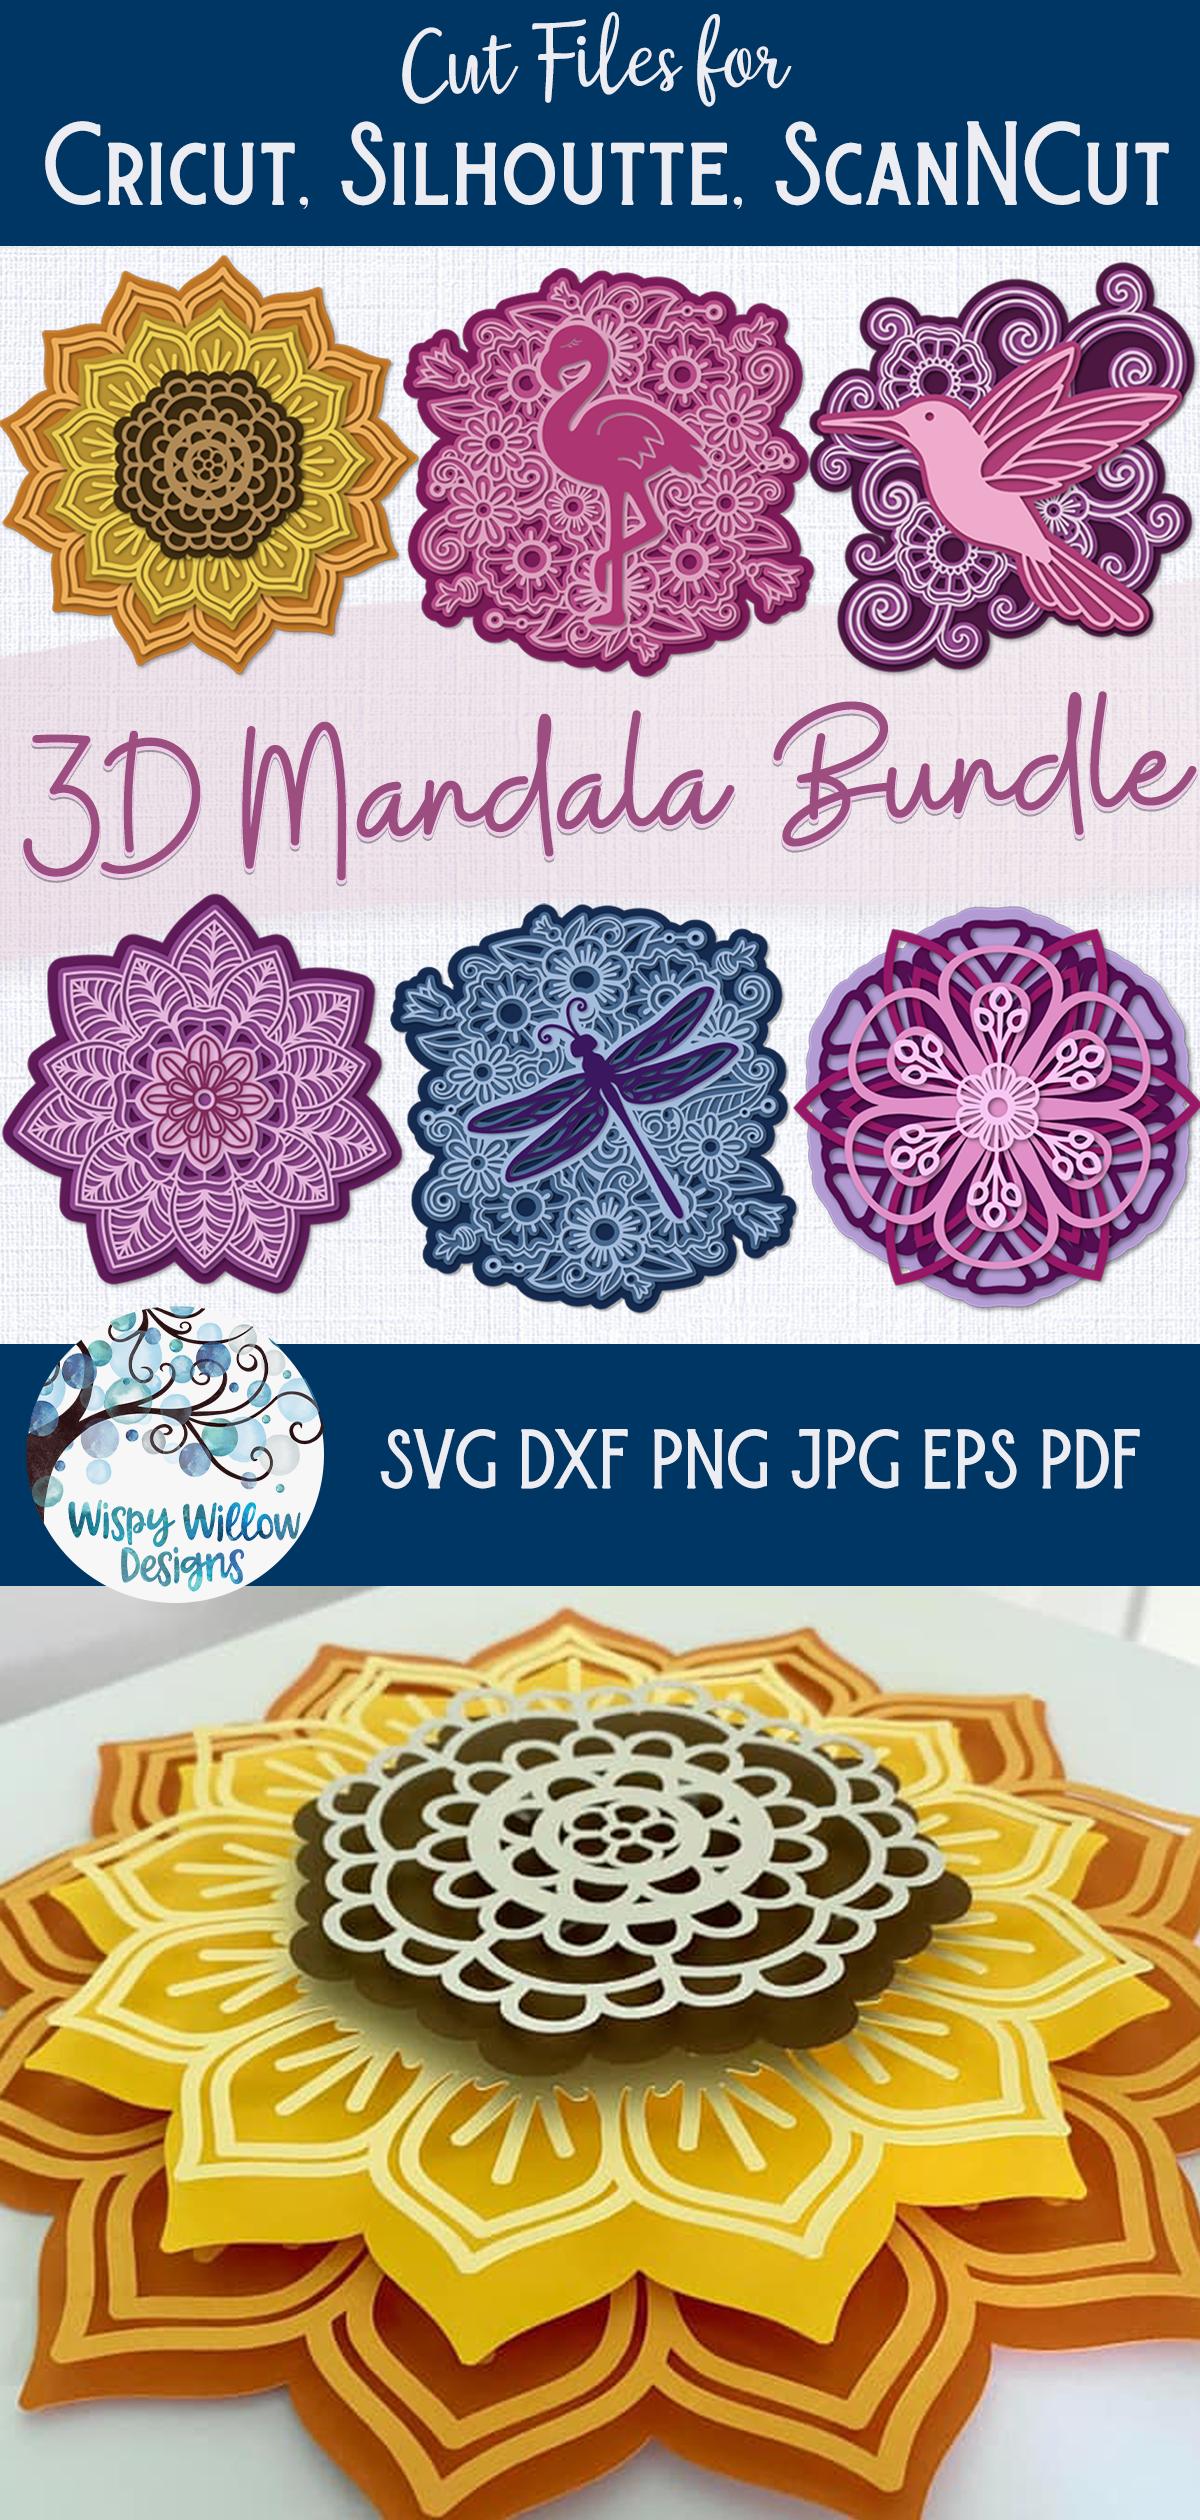 Download 3D Mandala SVG Bundle | Layered Mandalas in 2020 | Mandala ...